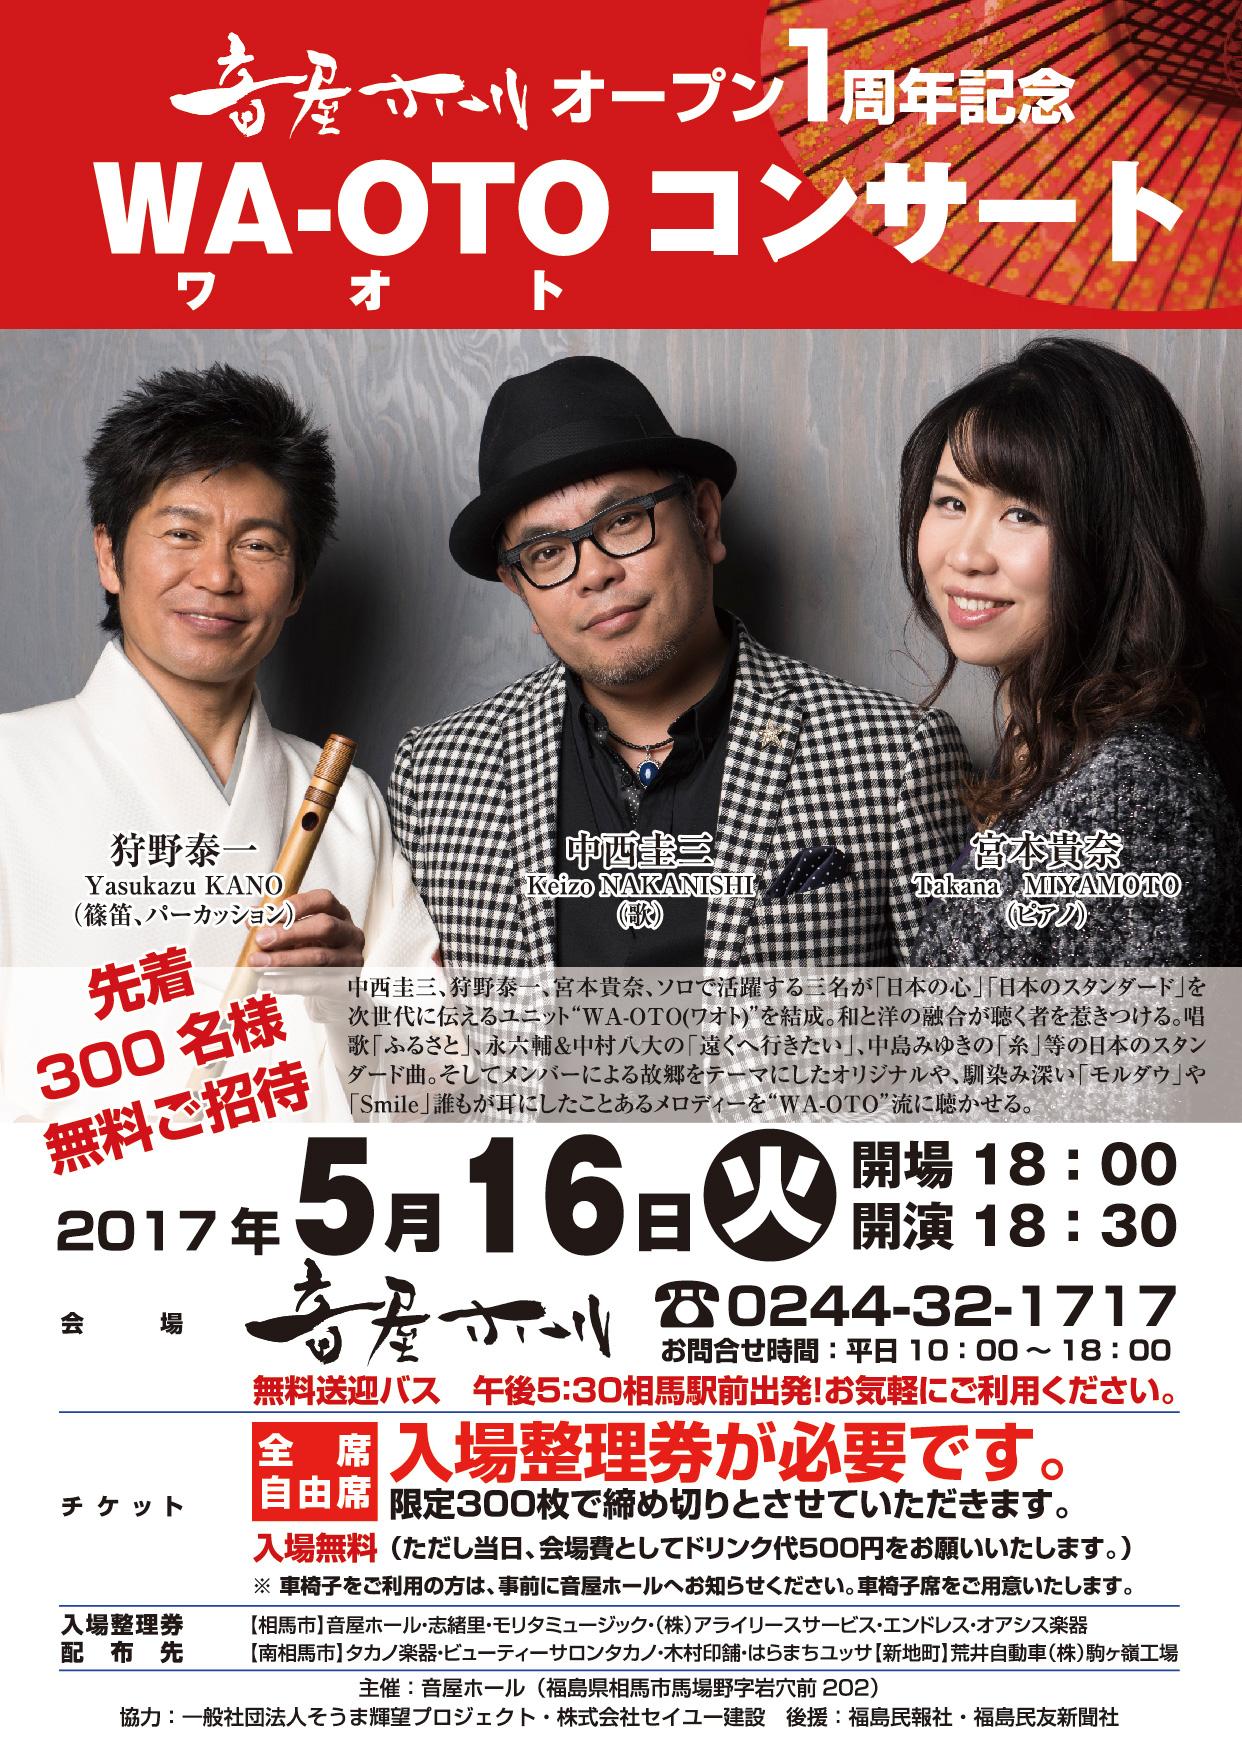 音屋ホールオープン1周年記念『WA-OTO コンサート』